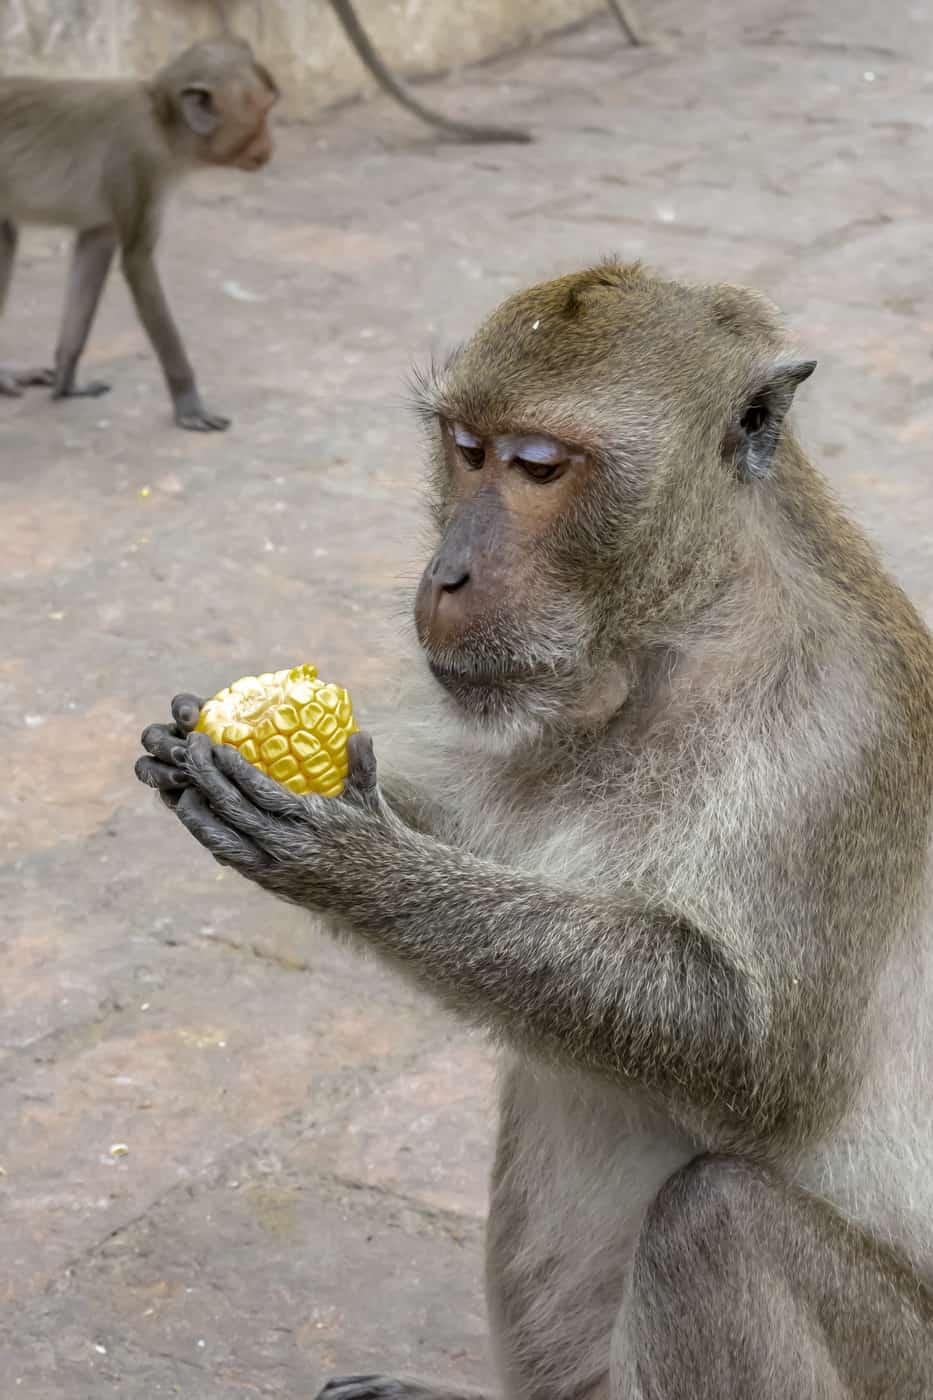 Affe begutachtet einen Maiskolben als Nahrung